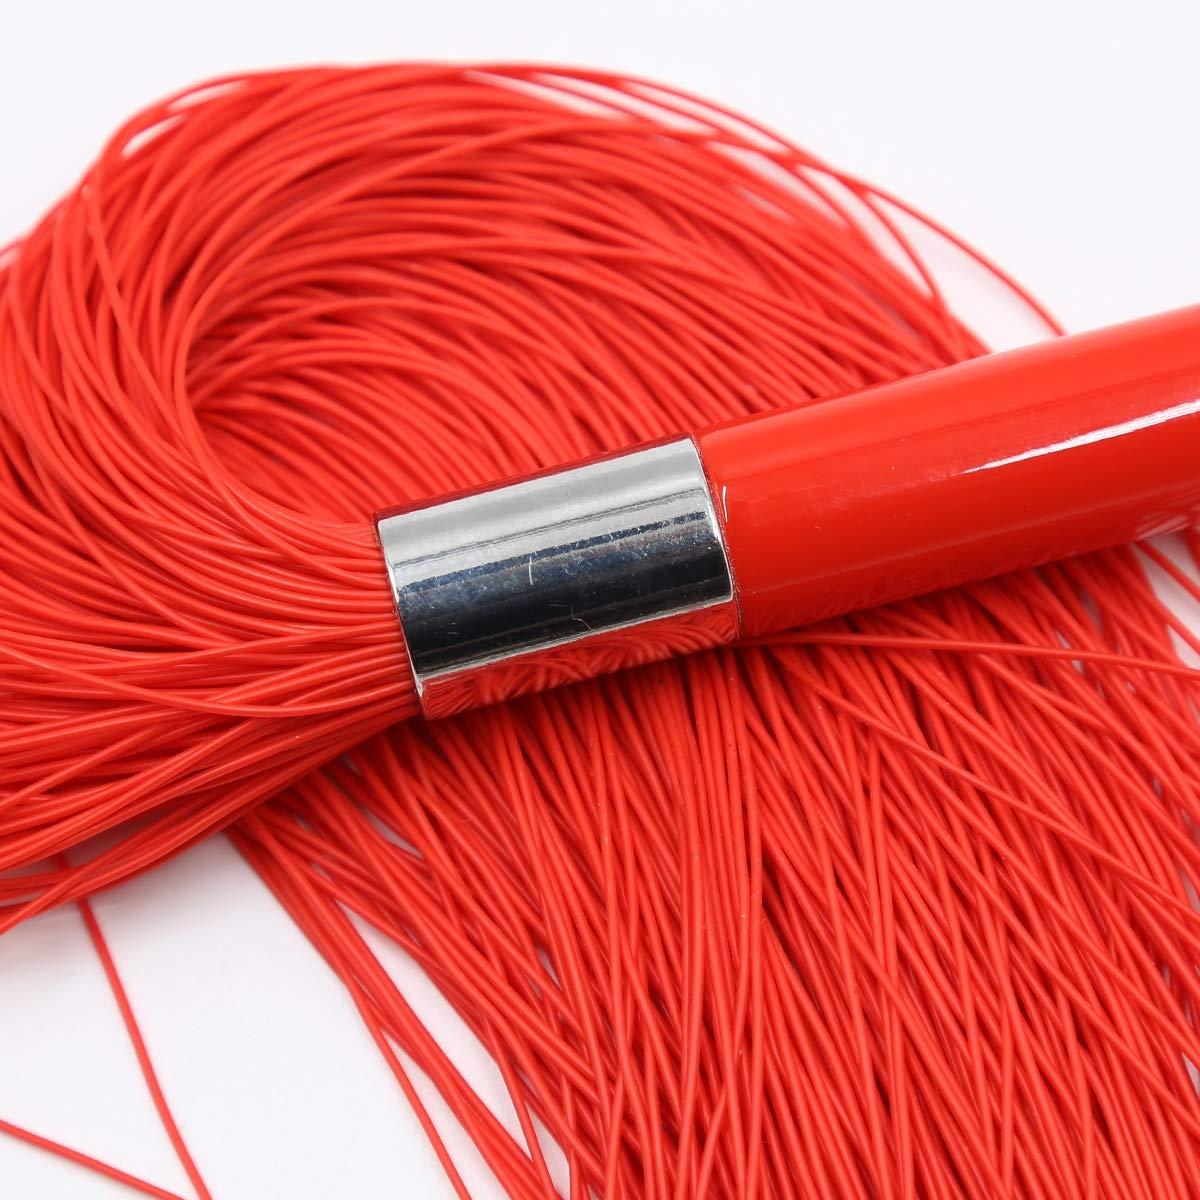 Azotaina látigo-erótica mano slapper acrílico paddle acrílico slapper mango de alambre de silicona látigo, acrílico mango silicona alambre flogger, pareja BDSM estimulante sexo látigo de cuero,Red d696ef